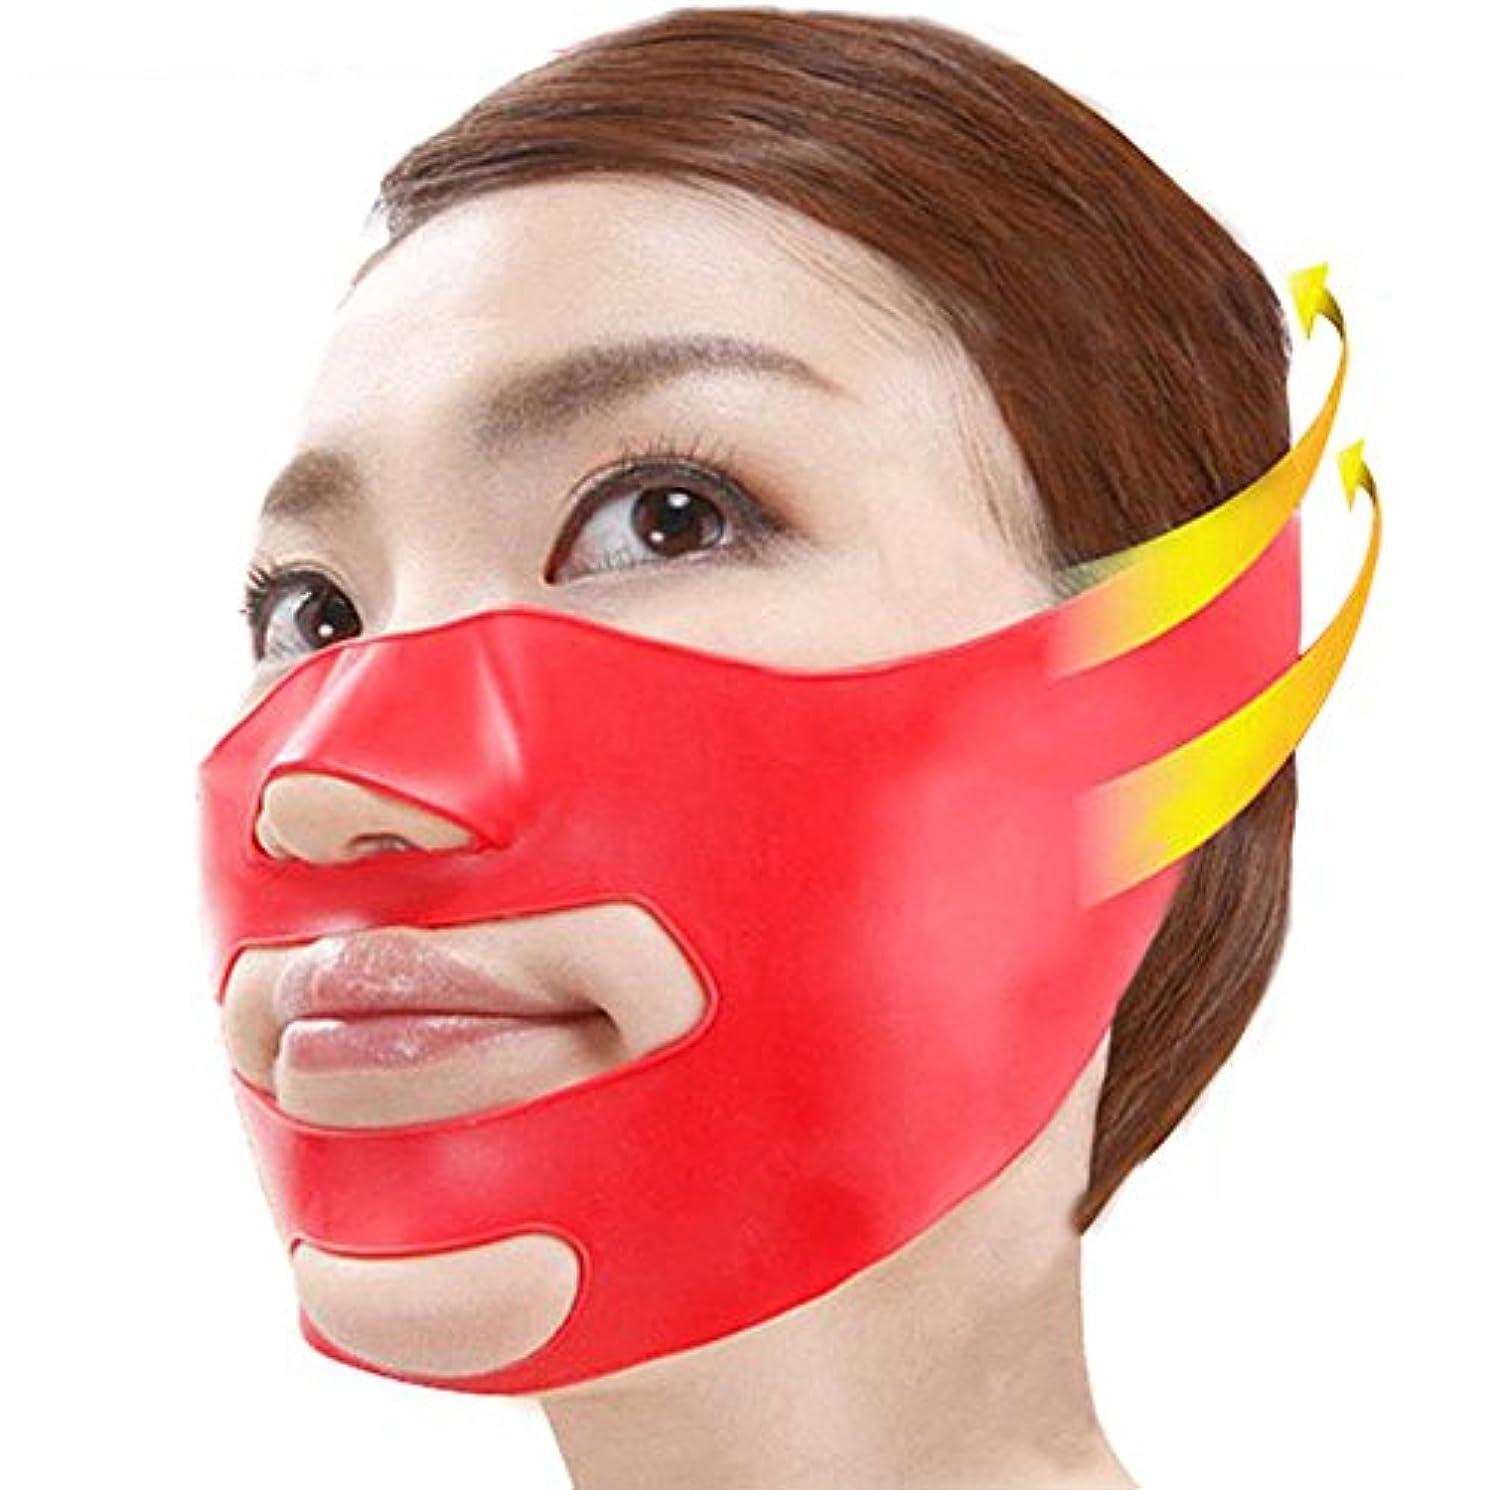 肺コーンウォールロック解除3D 小顔 マッサージグッズ フェイスマスク 美容 顔痩せ ほうれい線 消す グッズ 美顔 矯正 (フリーサイズ, レッド)